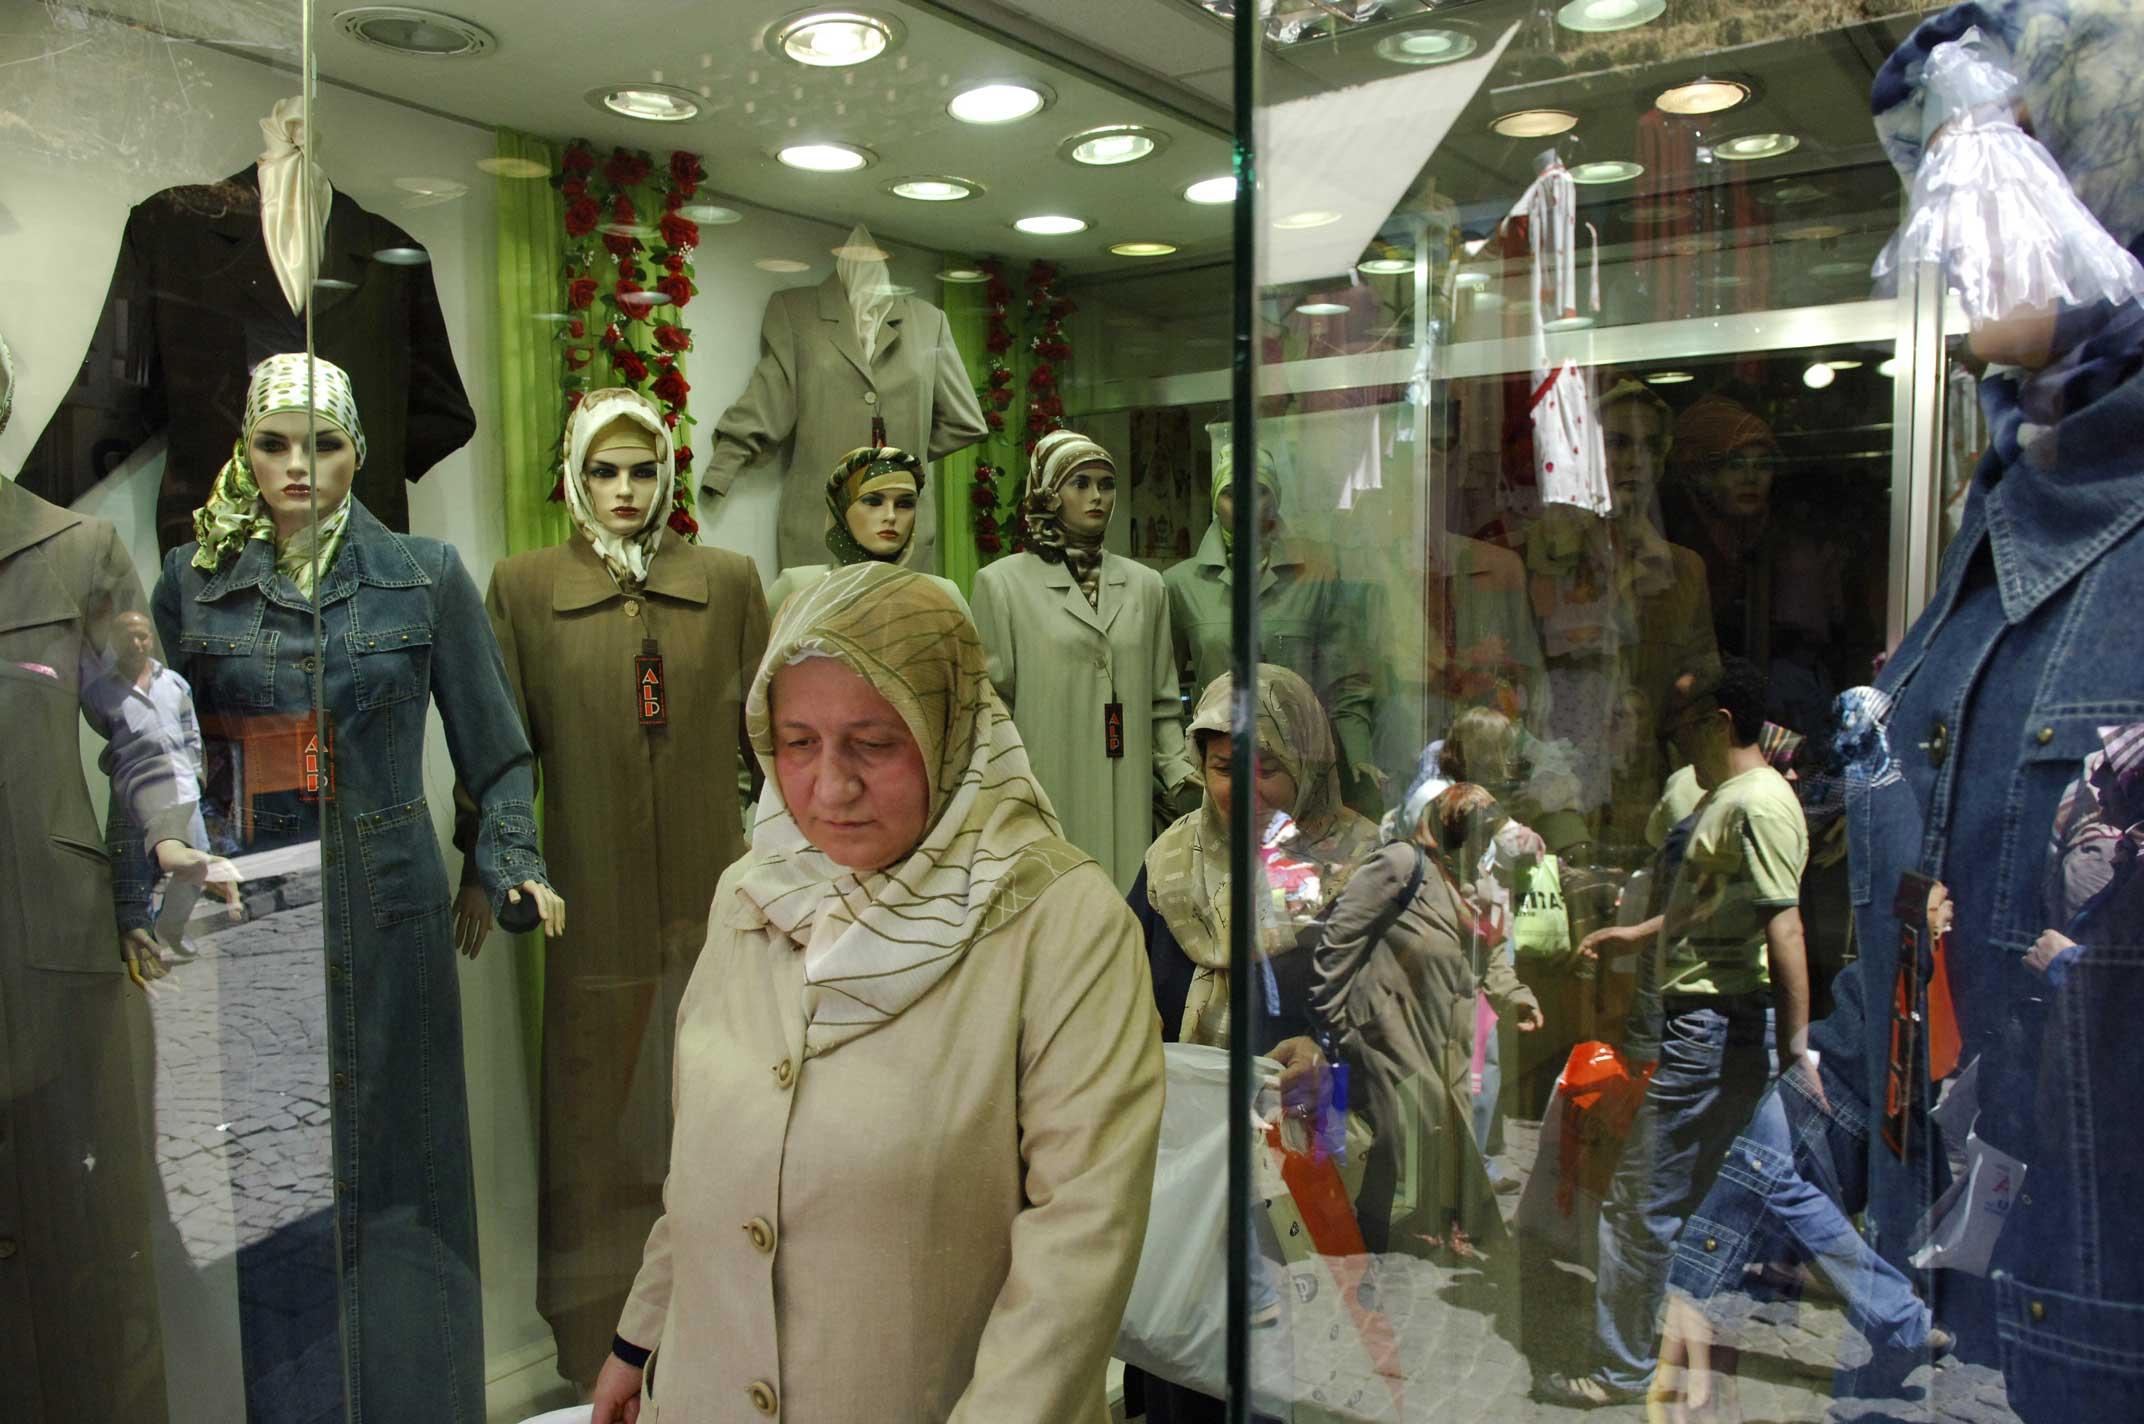 Ihr starrer Blick – mal freundlich, mal aggressiv – gehört in Istanbul zum festen Strassenbild. Jeder Laden, ob im Grossen Basar oder im Szeneviertel Beyöglü besitzt mehrere von ihnen: Schaufensterpuppen. Sie sind die am schlechtesten bezahlten Models der Welt und tragen doch die teuersten Designerstücke. Hergestellt werden sie in aufwändiger Handarbeit in einem Vorort von Istanbul...